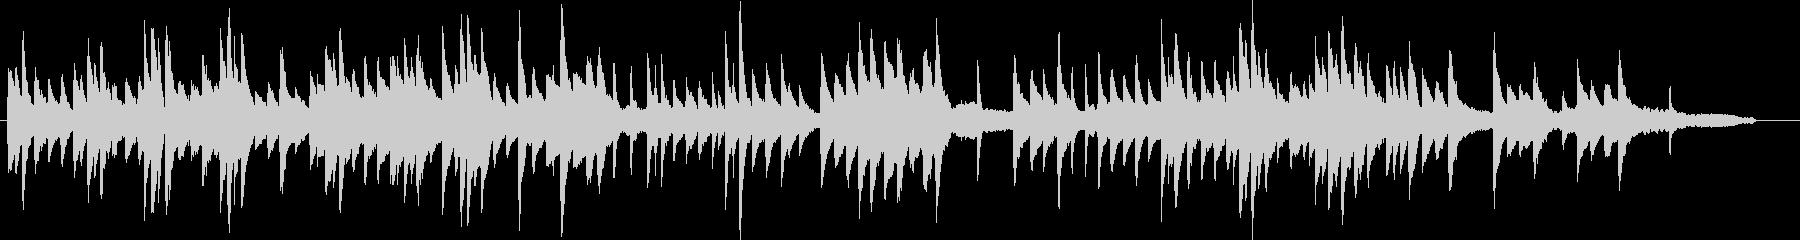 シンプルで静かで前向きでなピアノ曲の未再生の波形